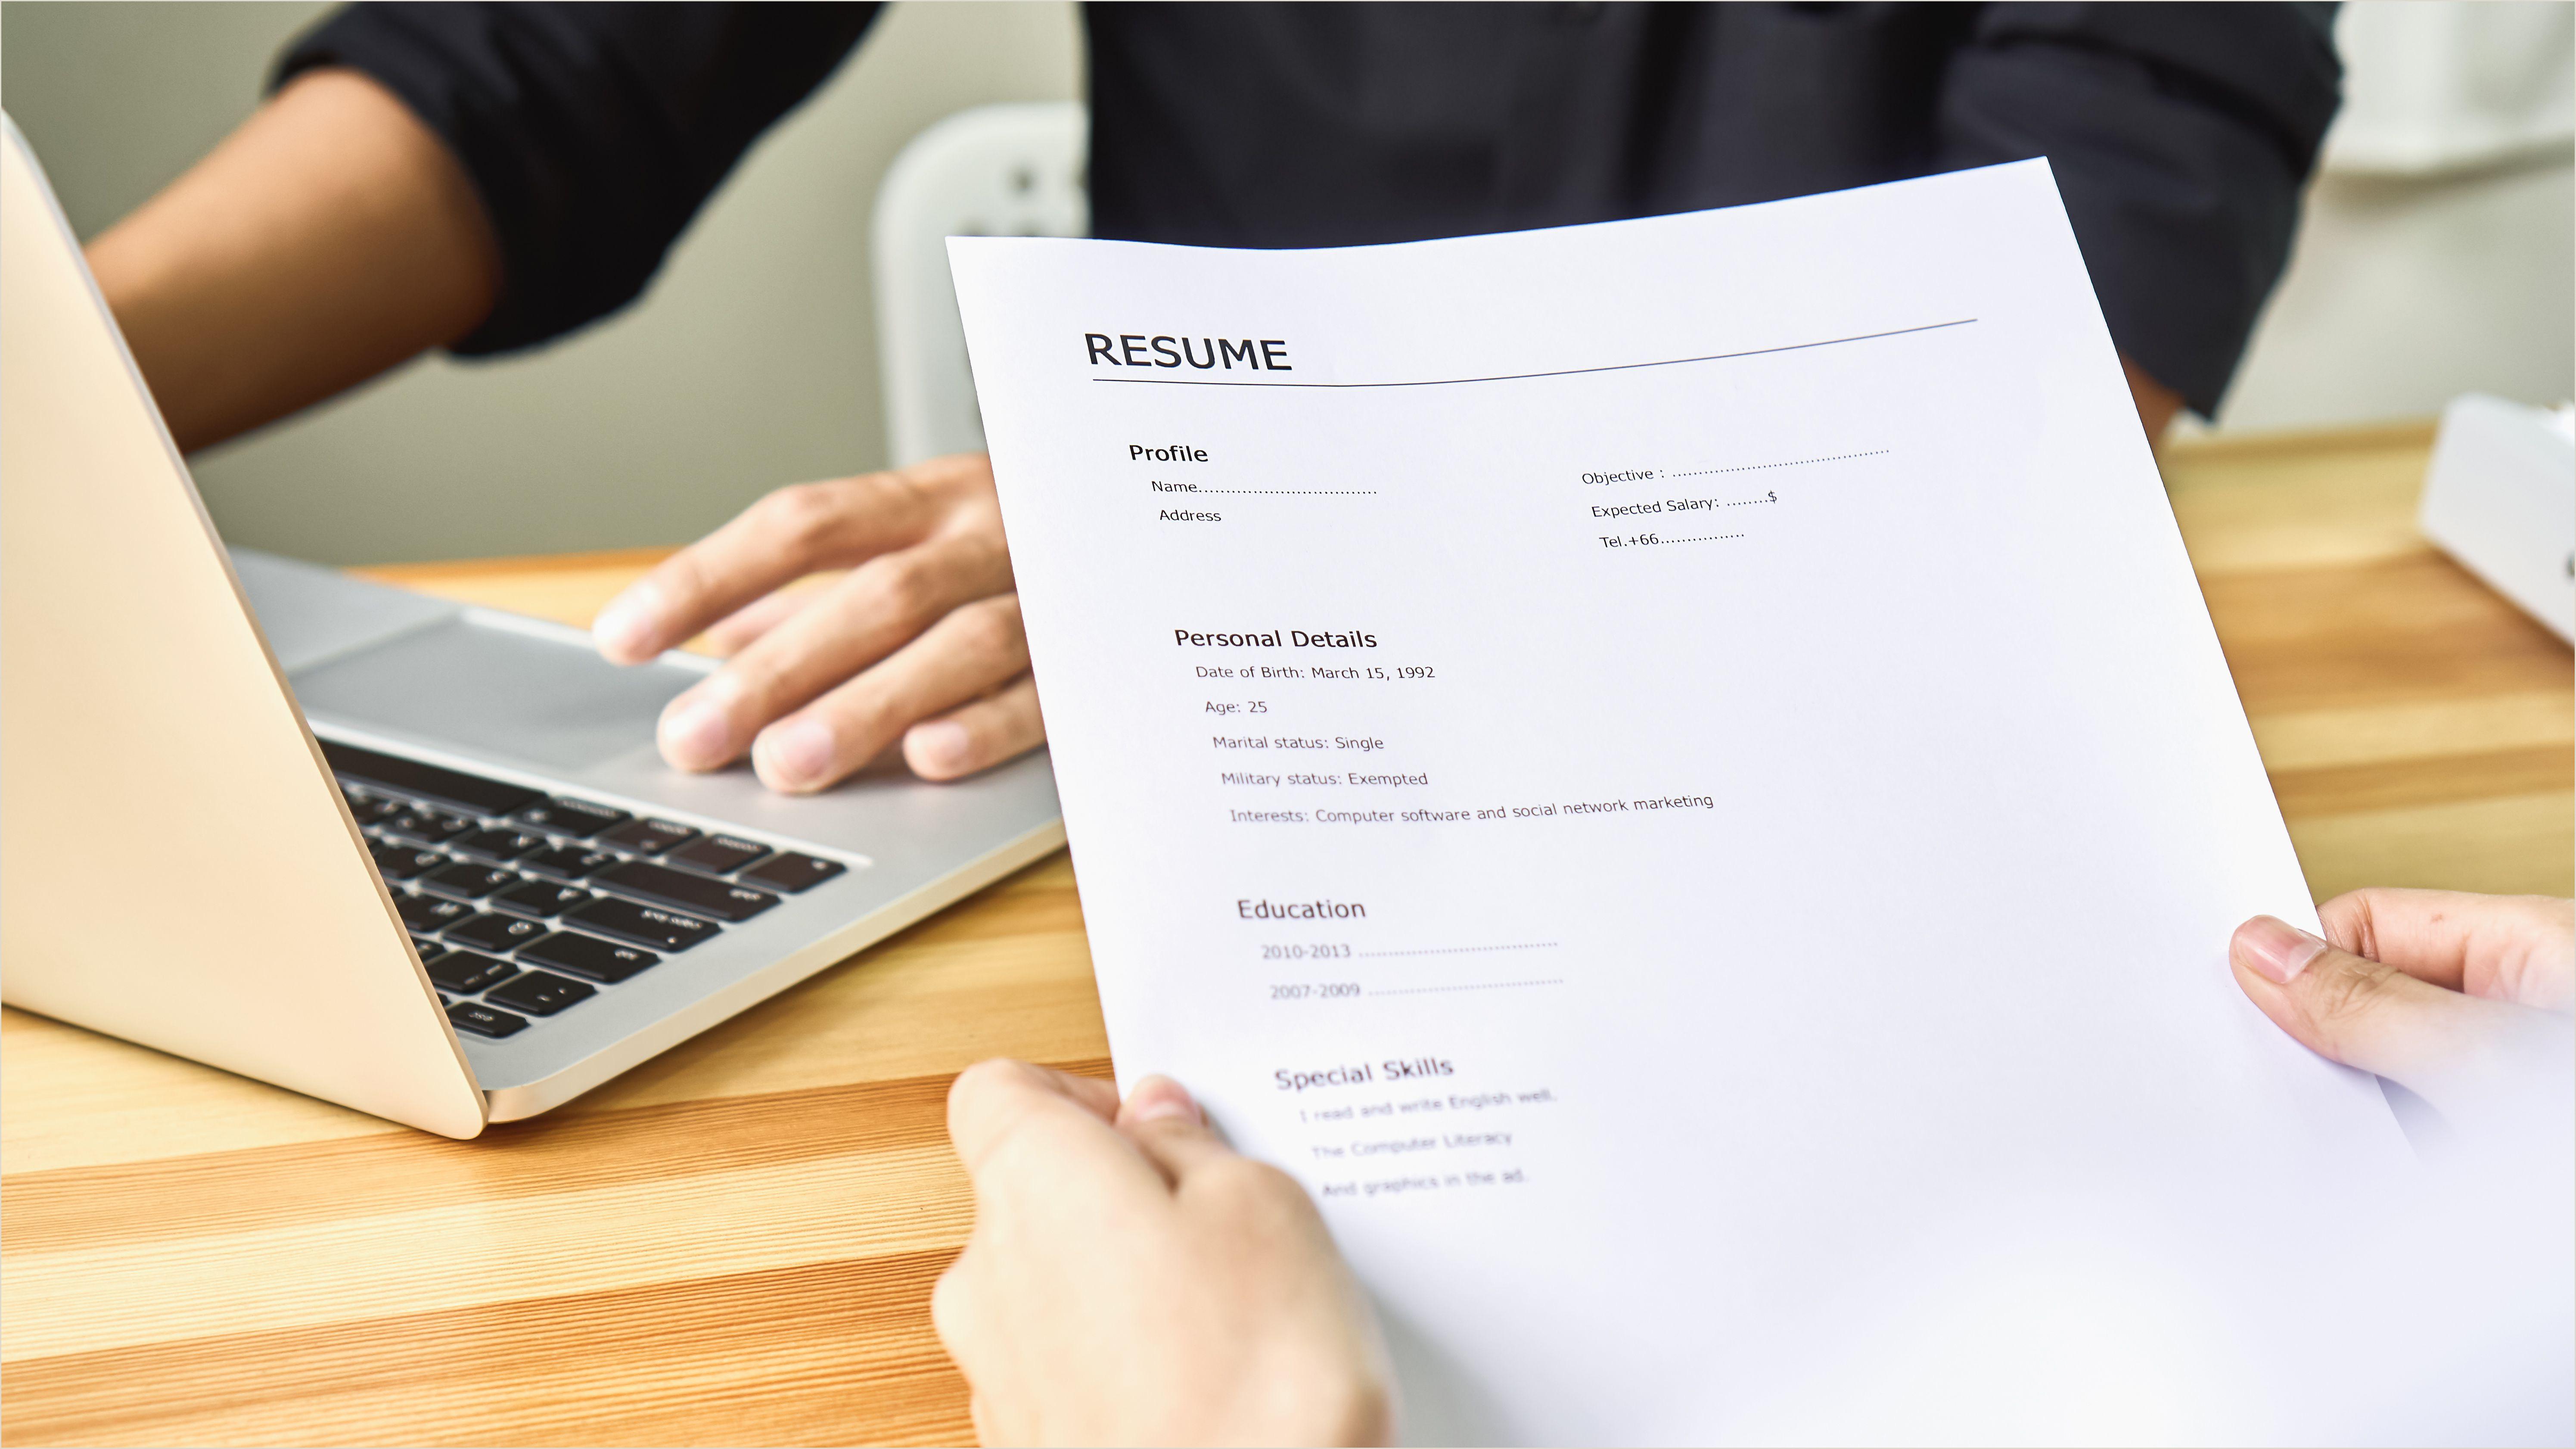 Cv format for Job Apply Standard Settings for Resume Margins